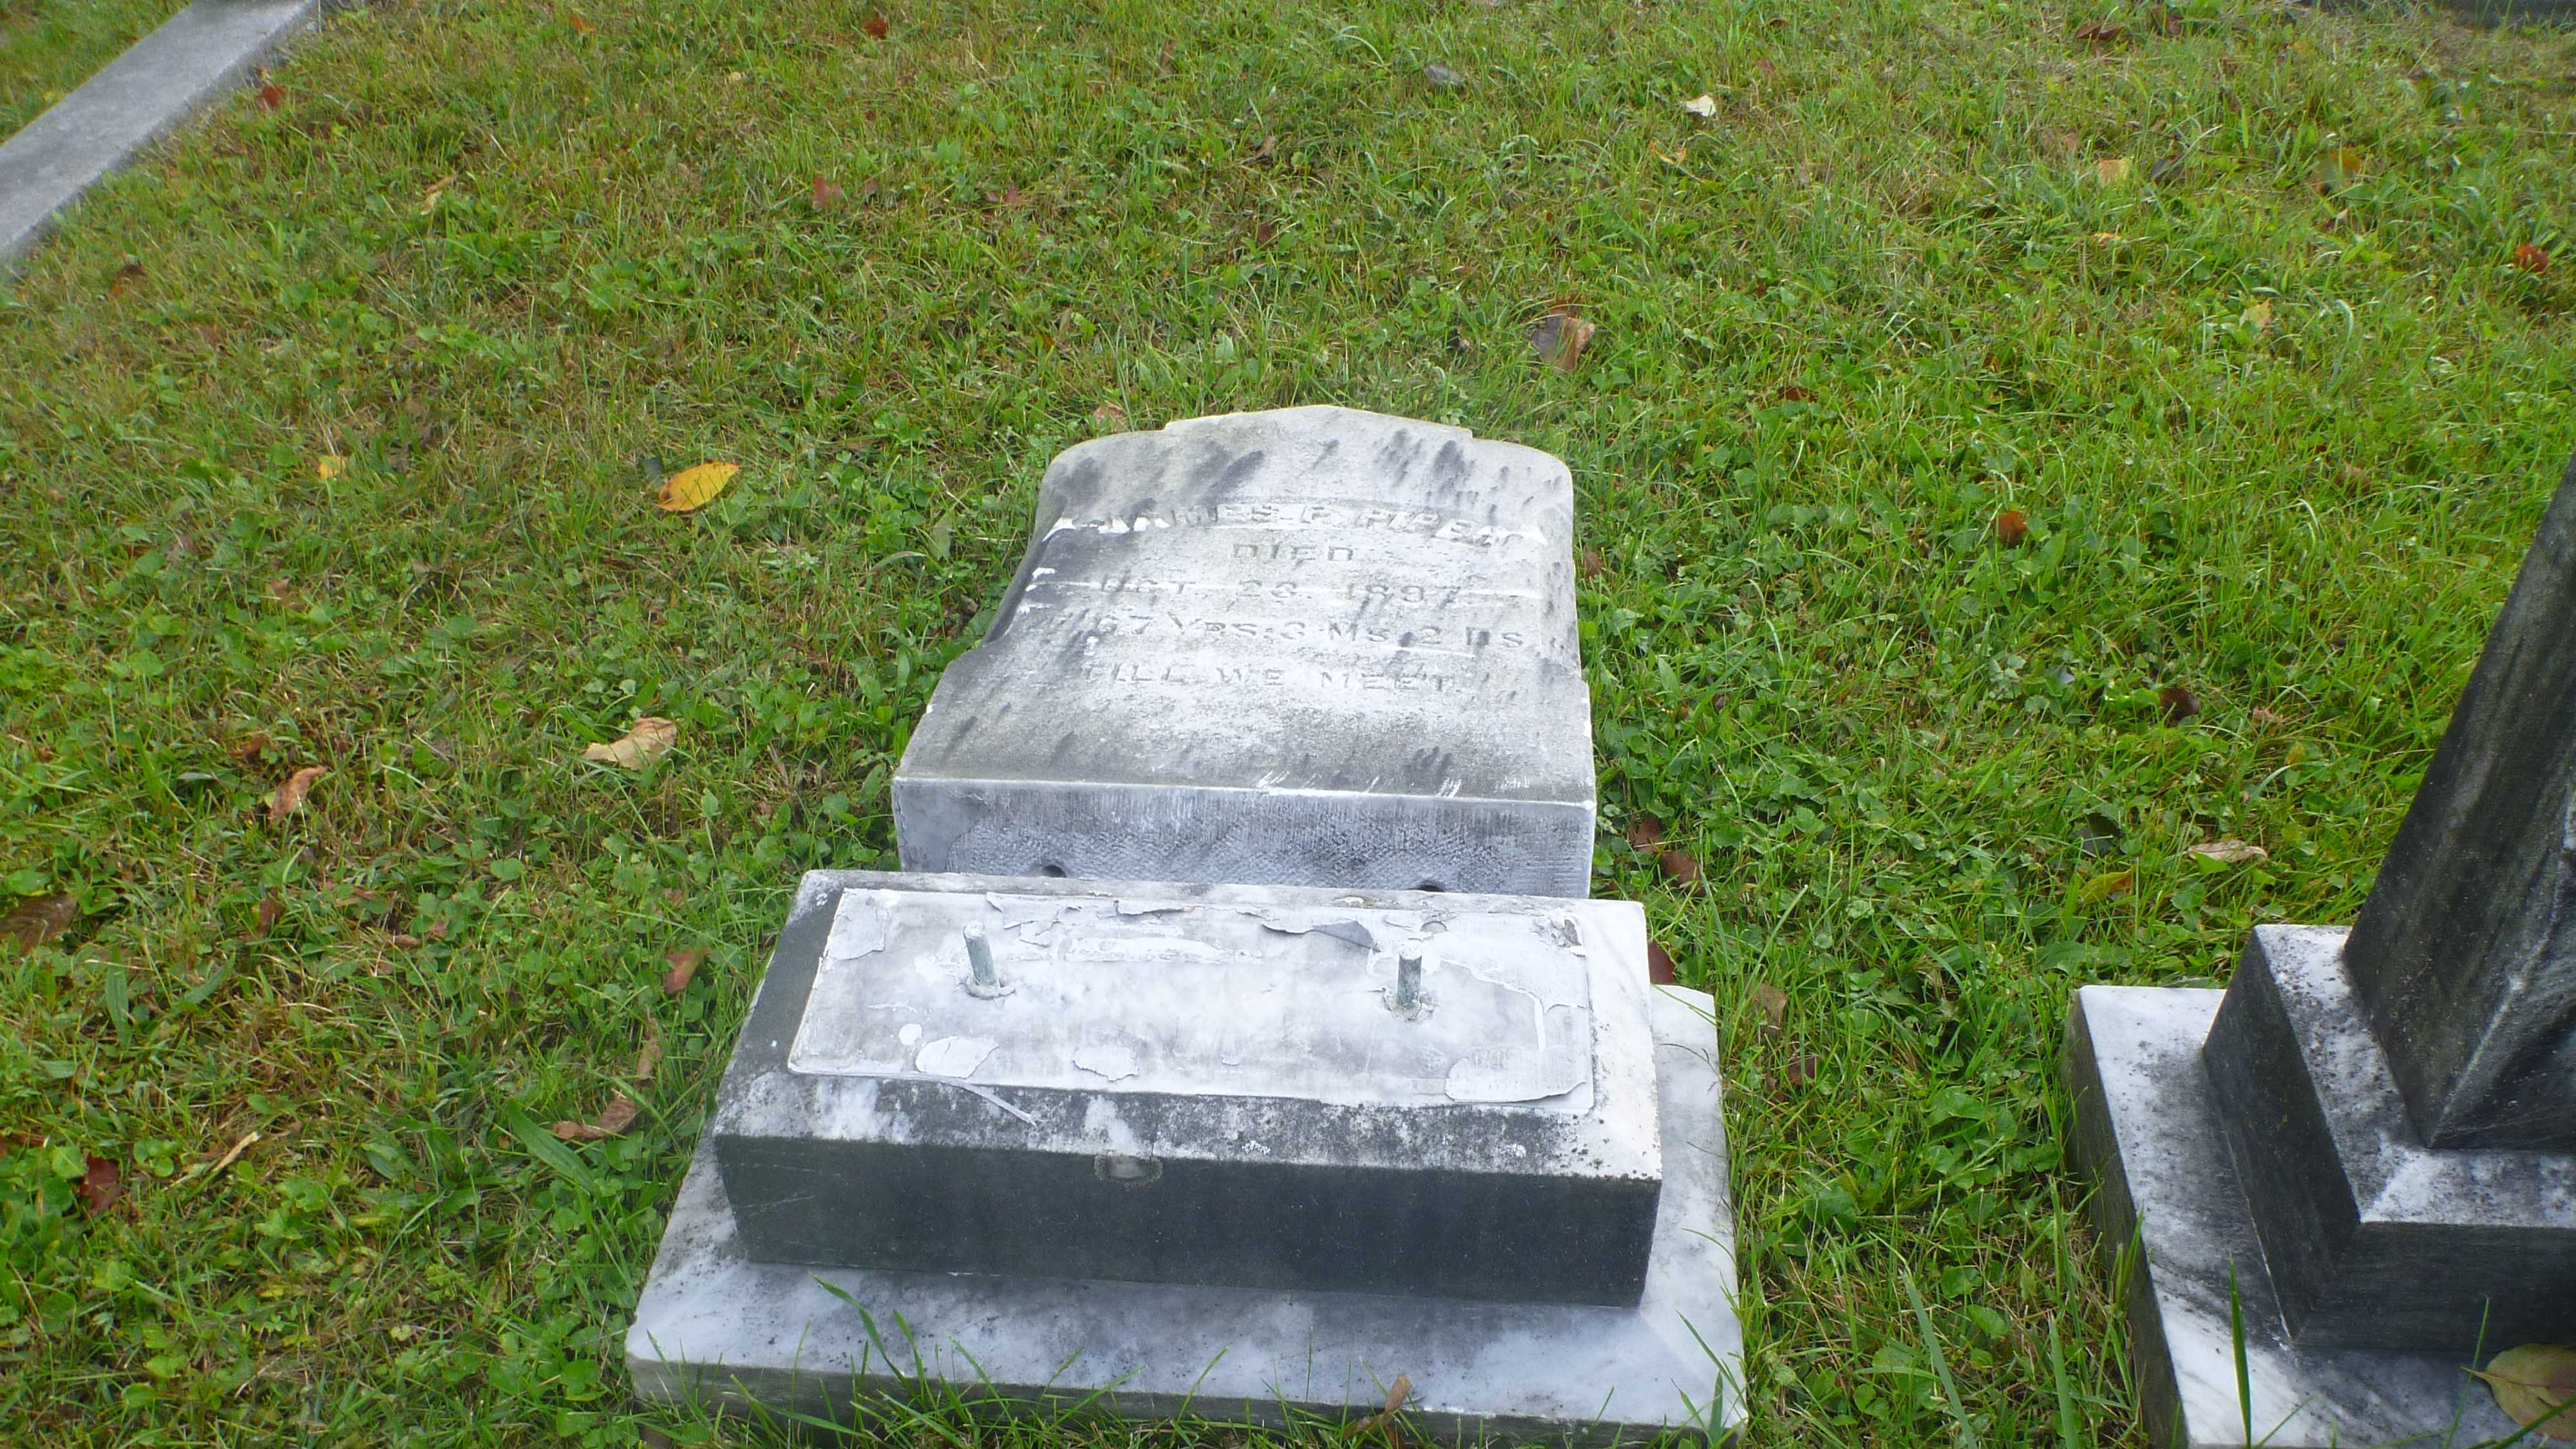 09-16 Vandals target cemetery, again  img (2)